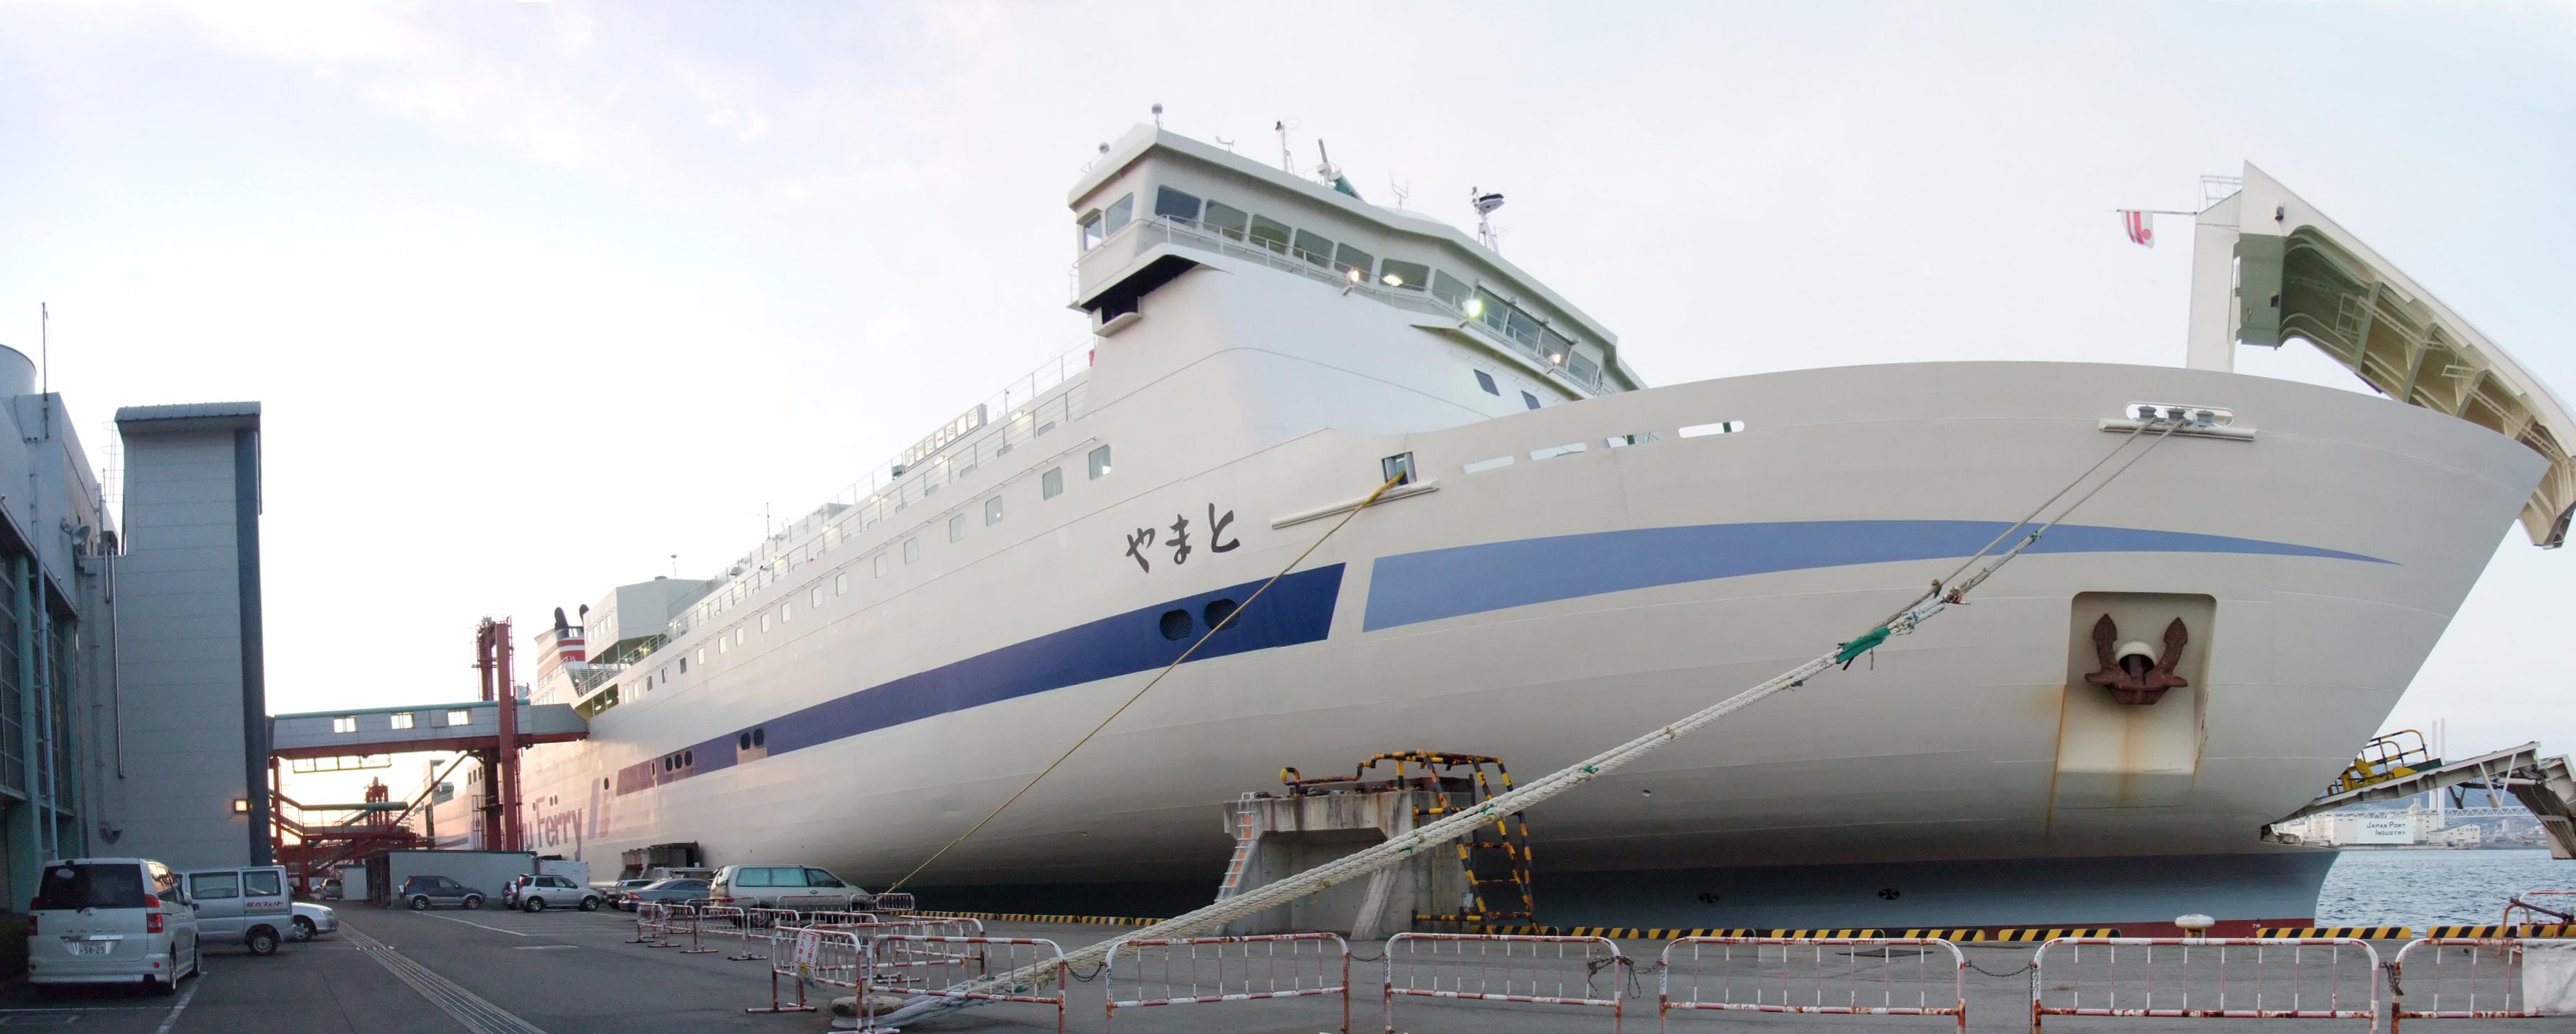 BTJ :: Stena RoRo to revamp a Japanese ferry